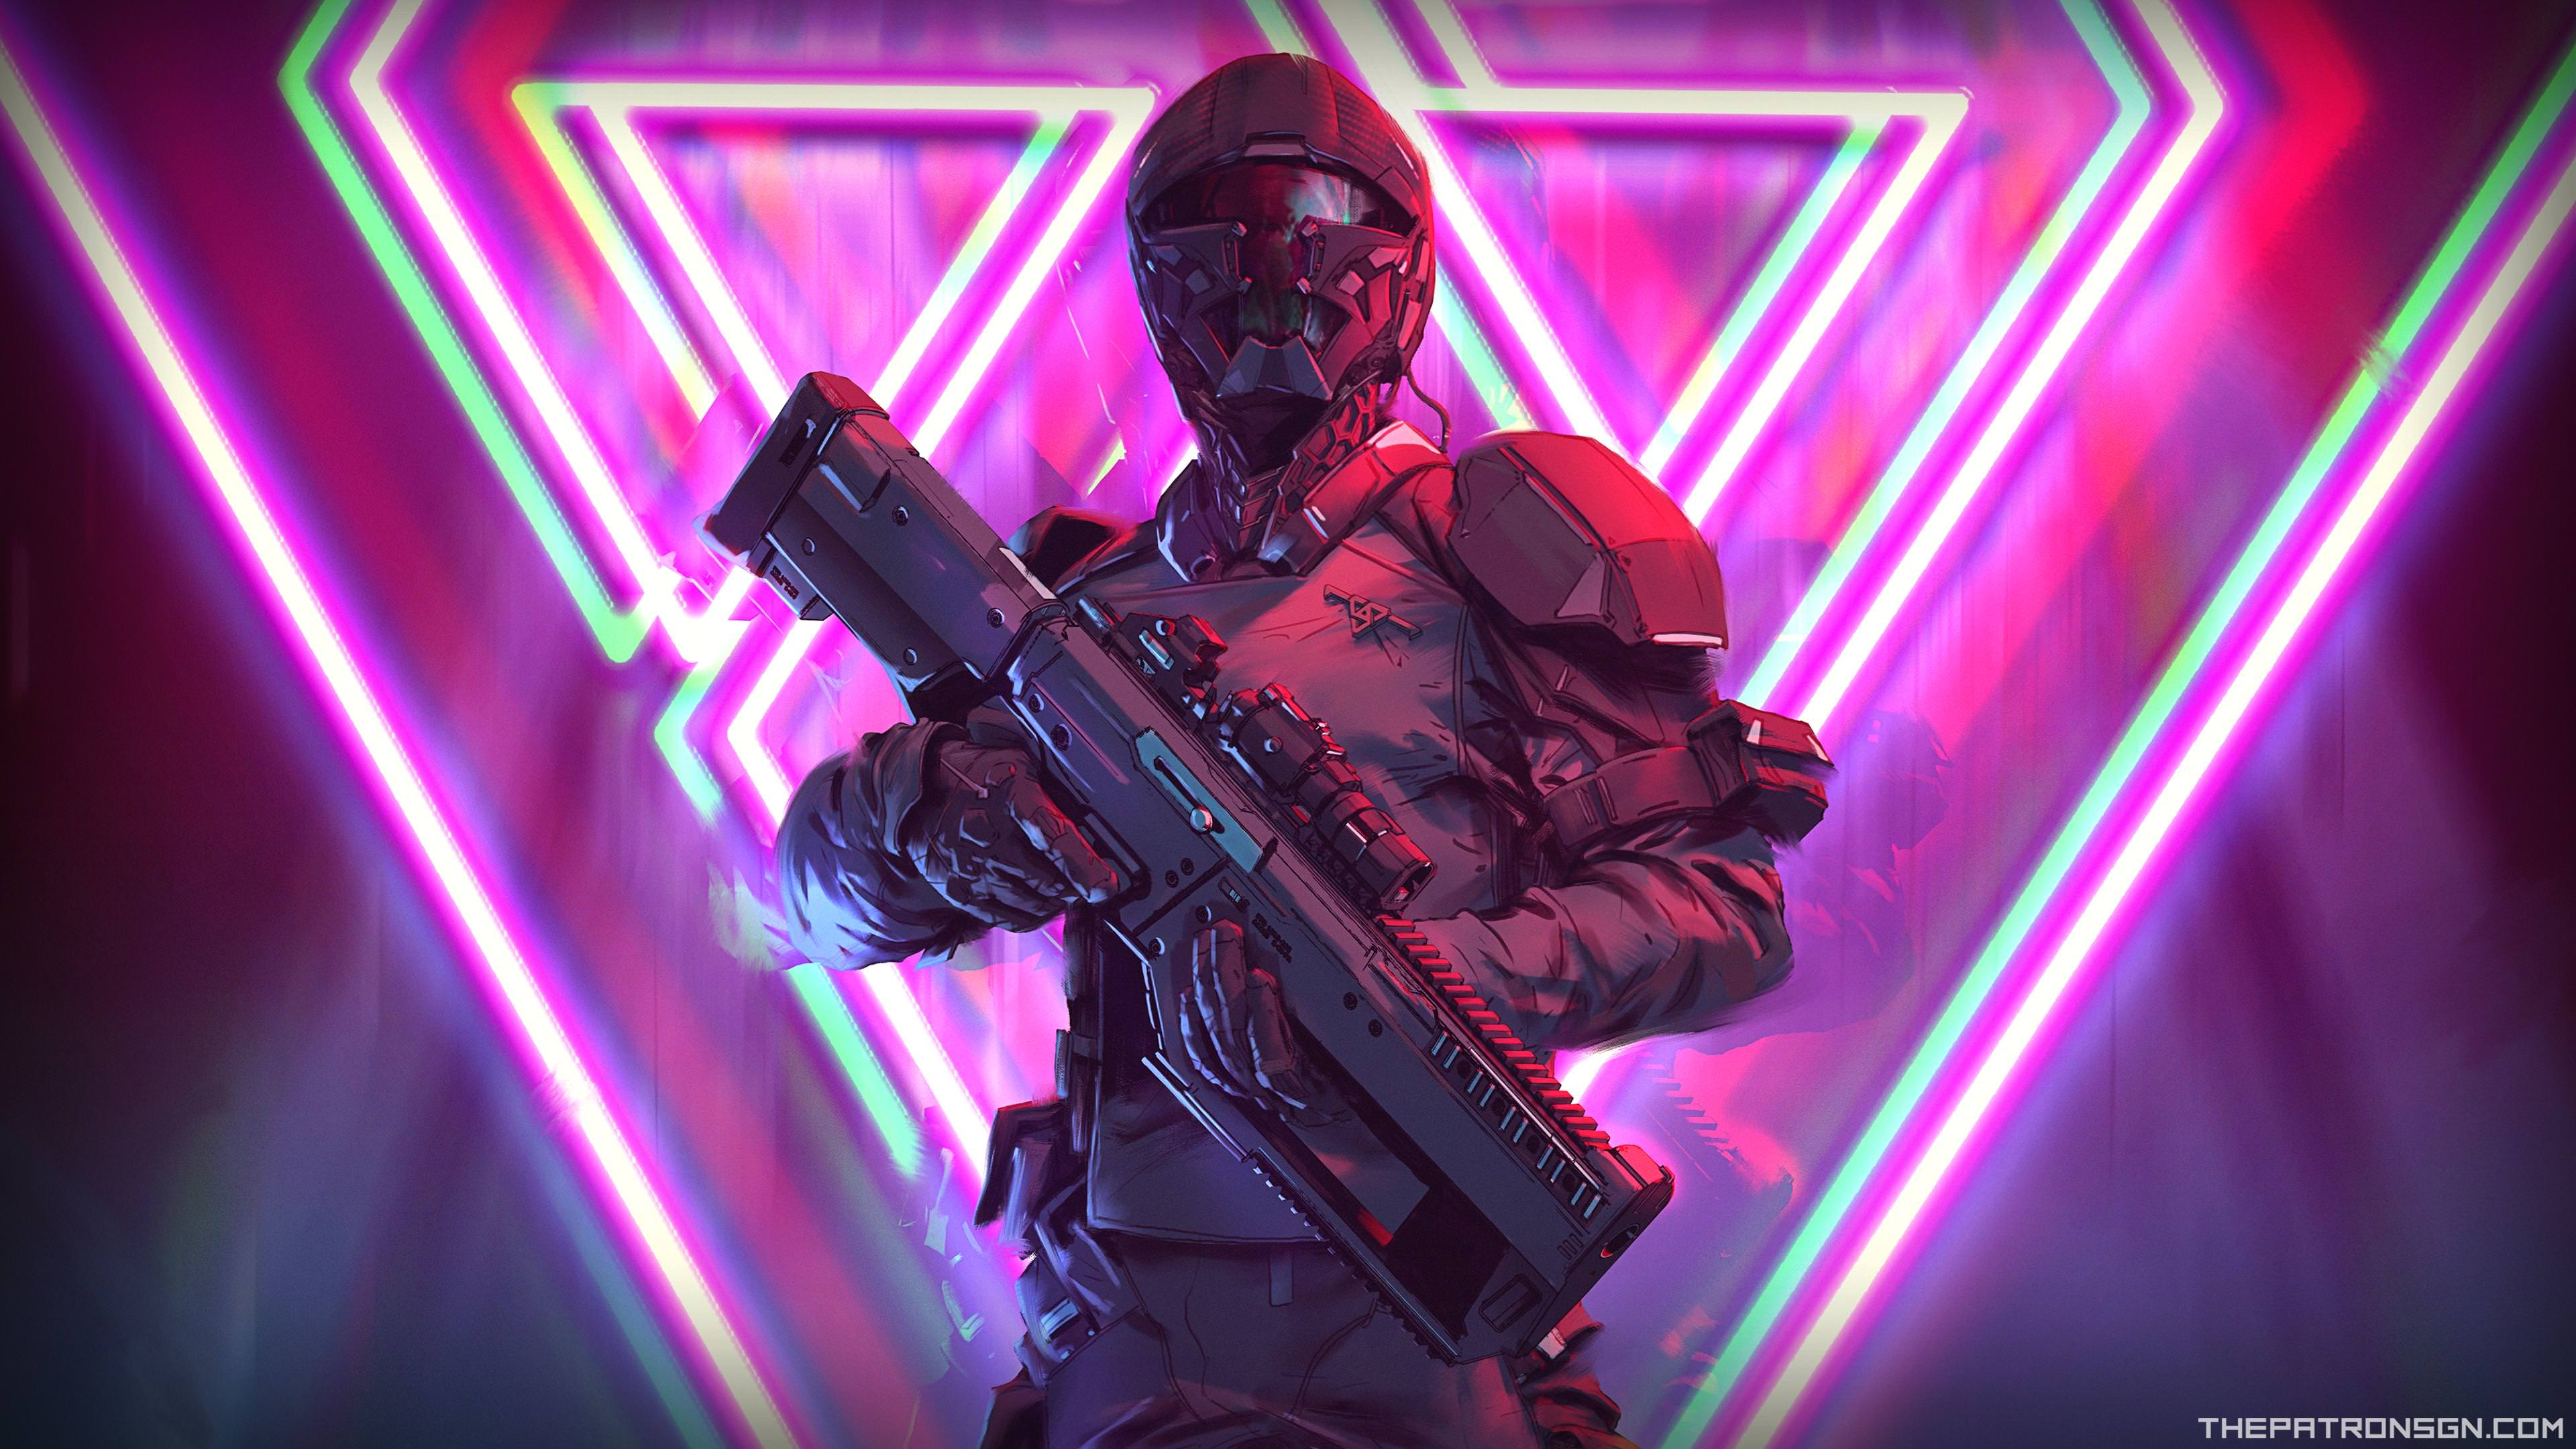 Neon Weapon Soldier Science Fiction 4k, HD Artist, 4k ...